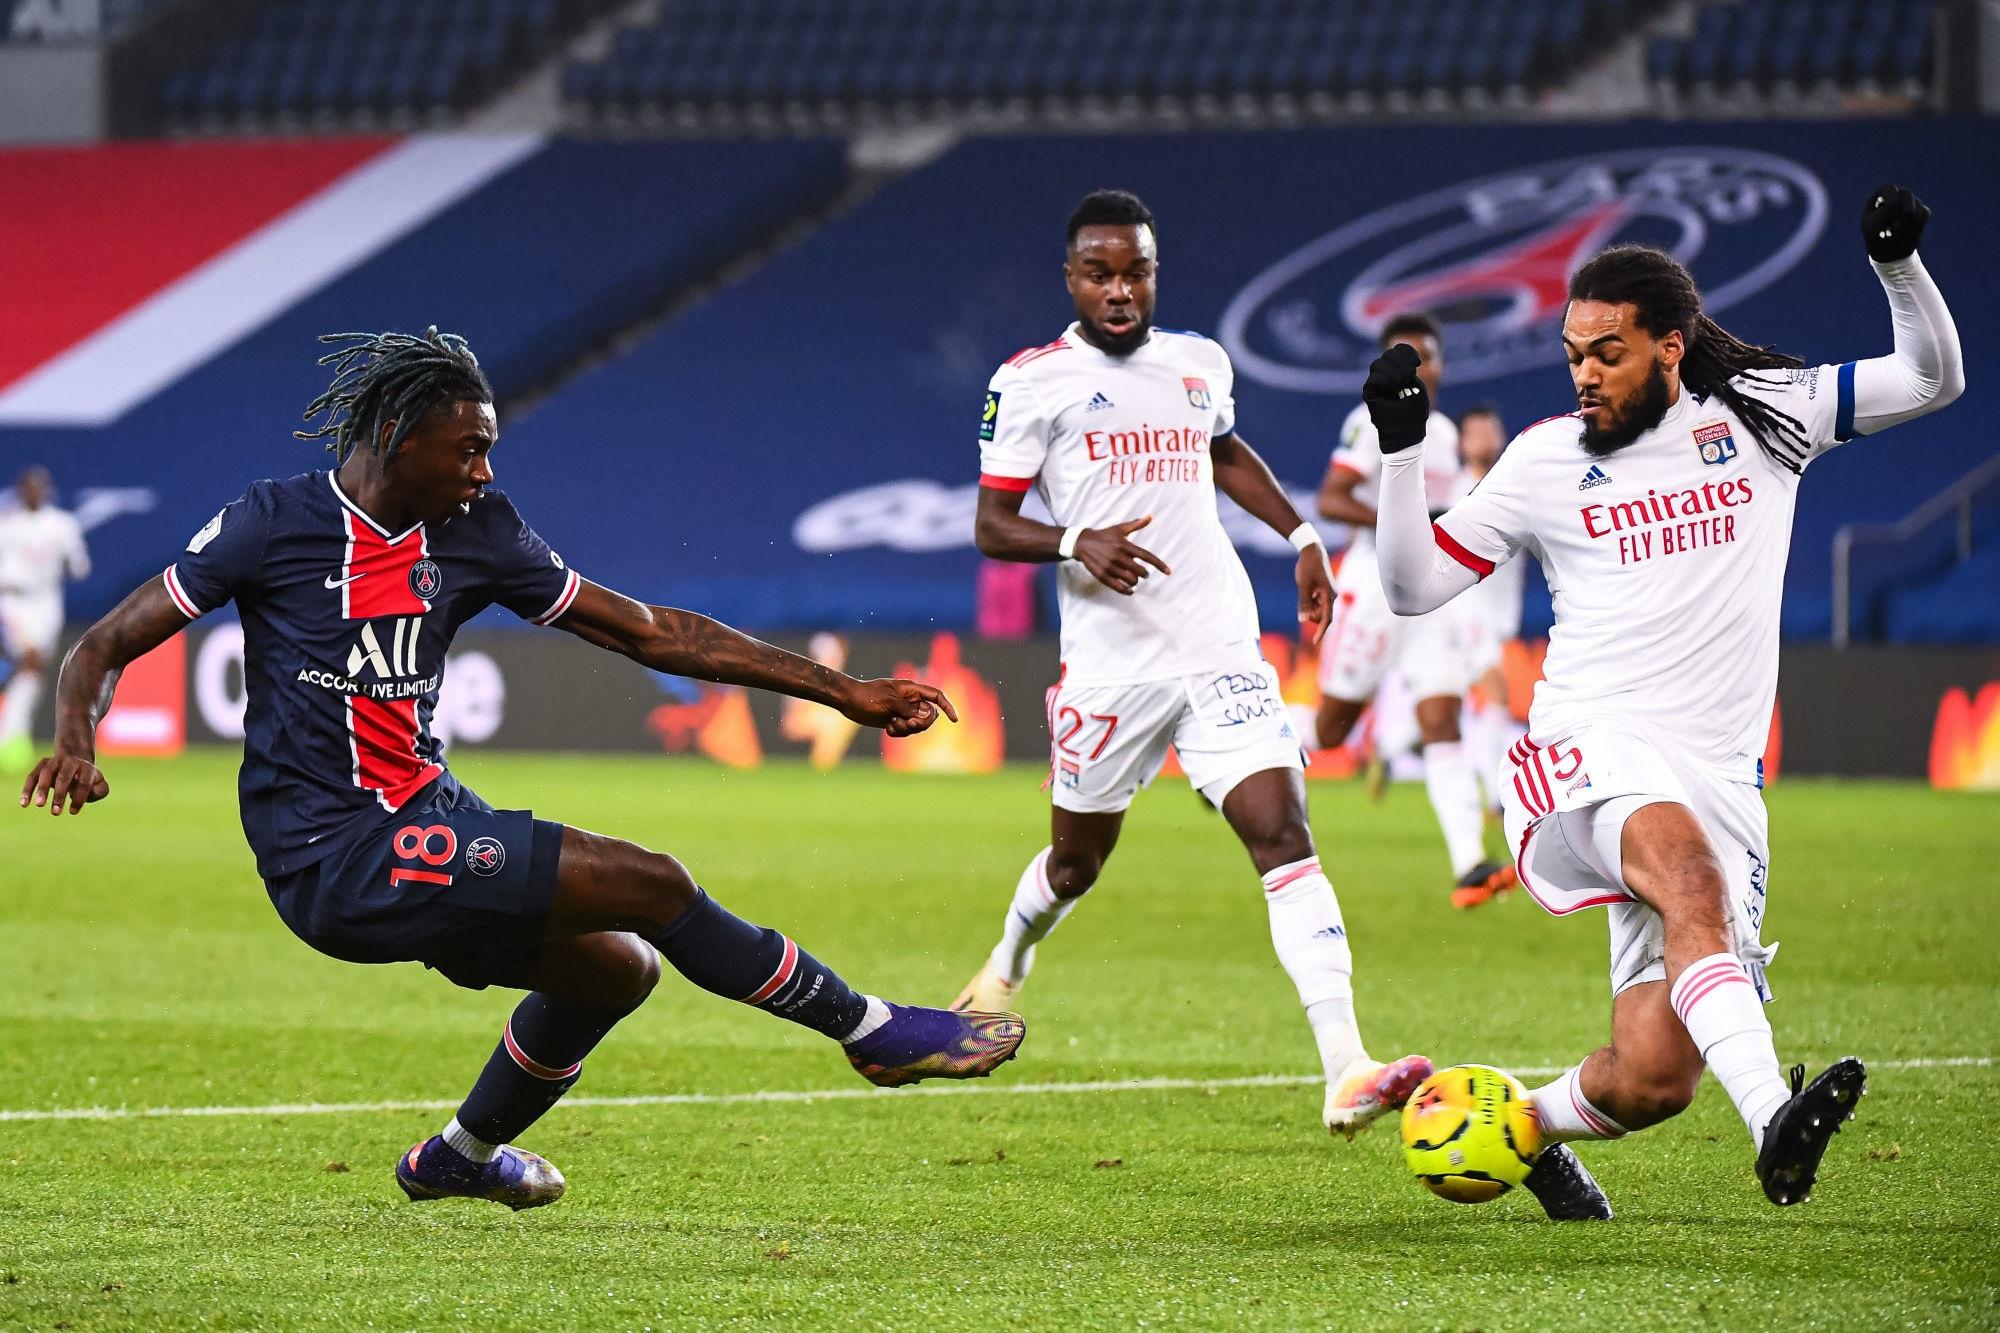 Résumé PSG/OL (0-1) - La vidéo du but, des temps forts du match et de la blessure de Neymar